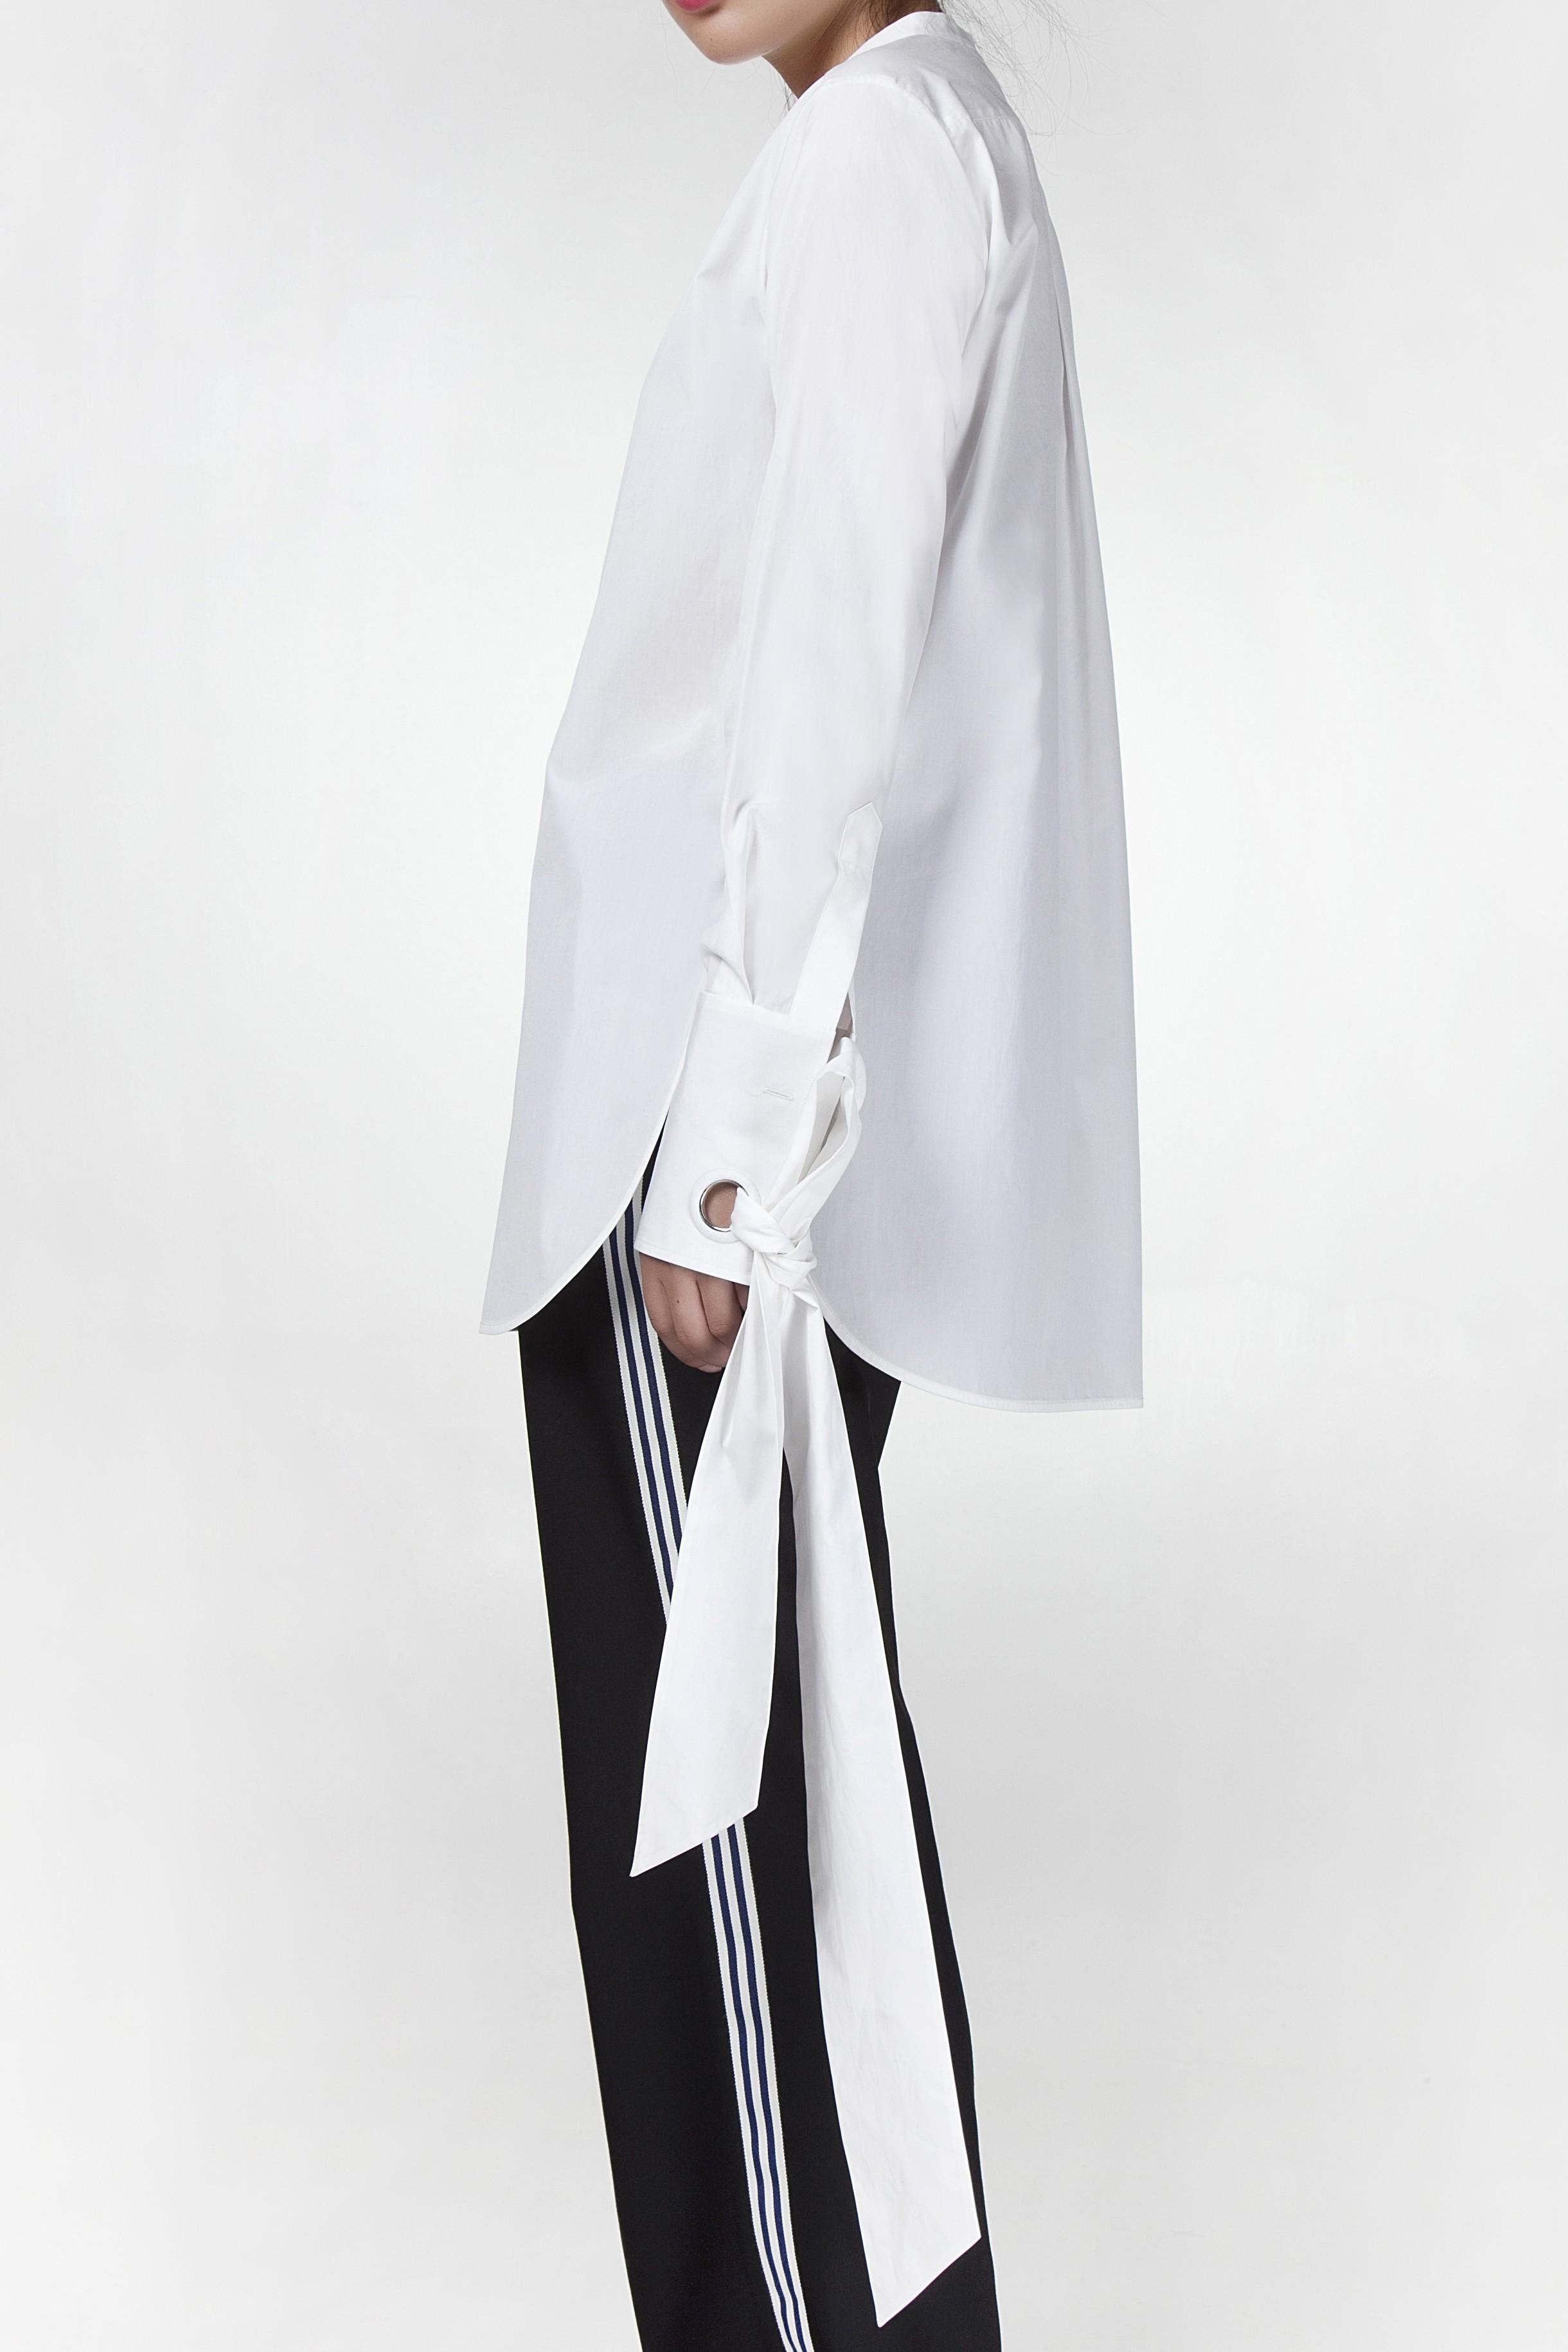 女士袖口丝绦衬衫